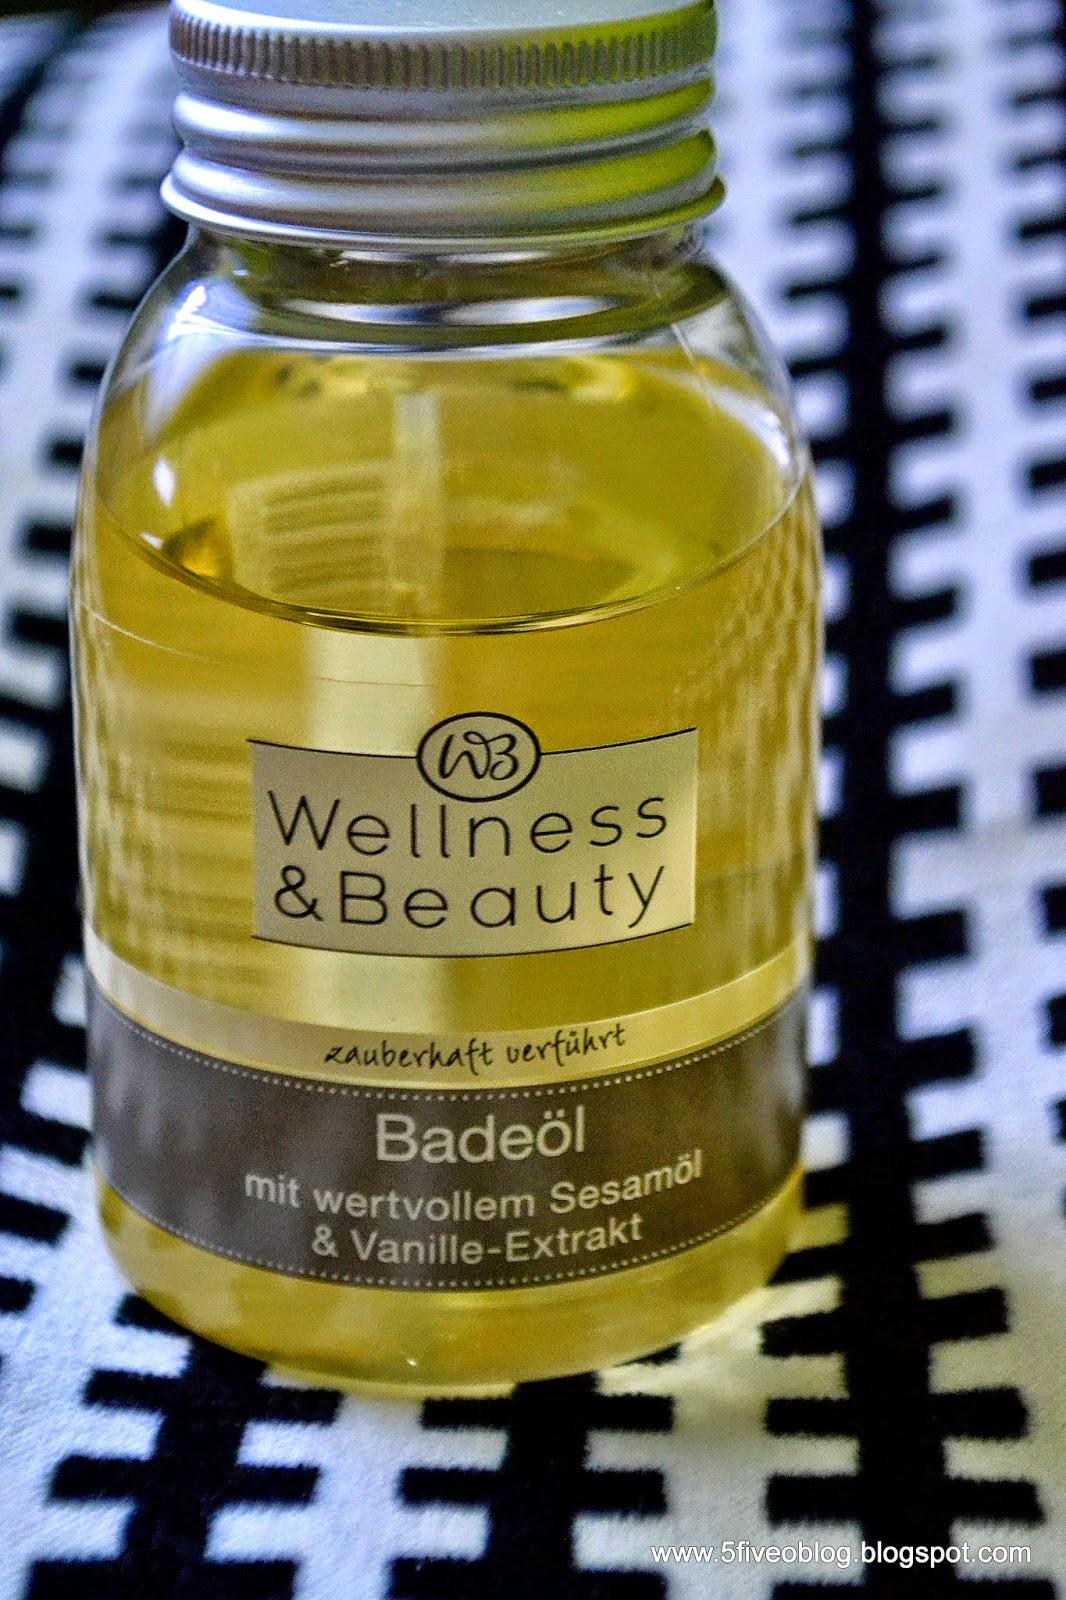 Wallness & Beauty - sezamowy olejek do kąpieli.